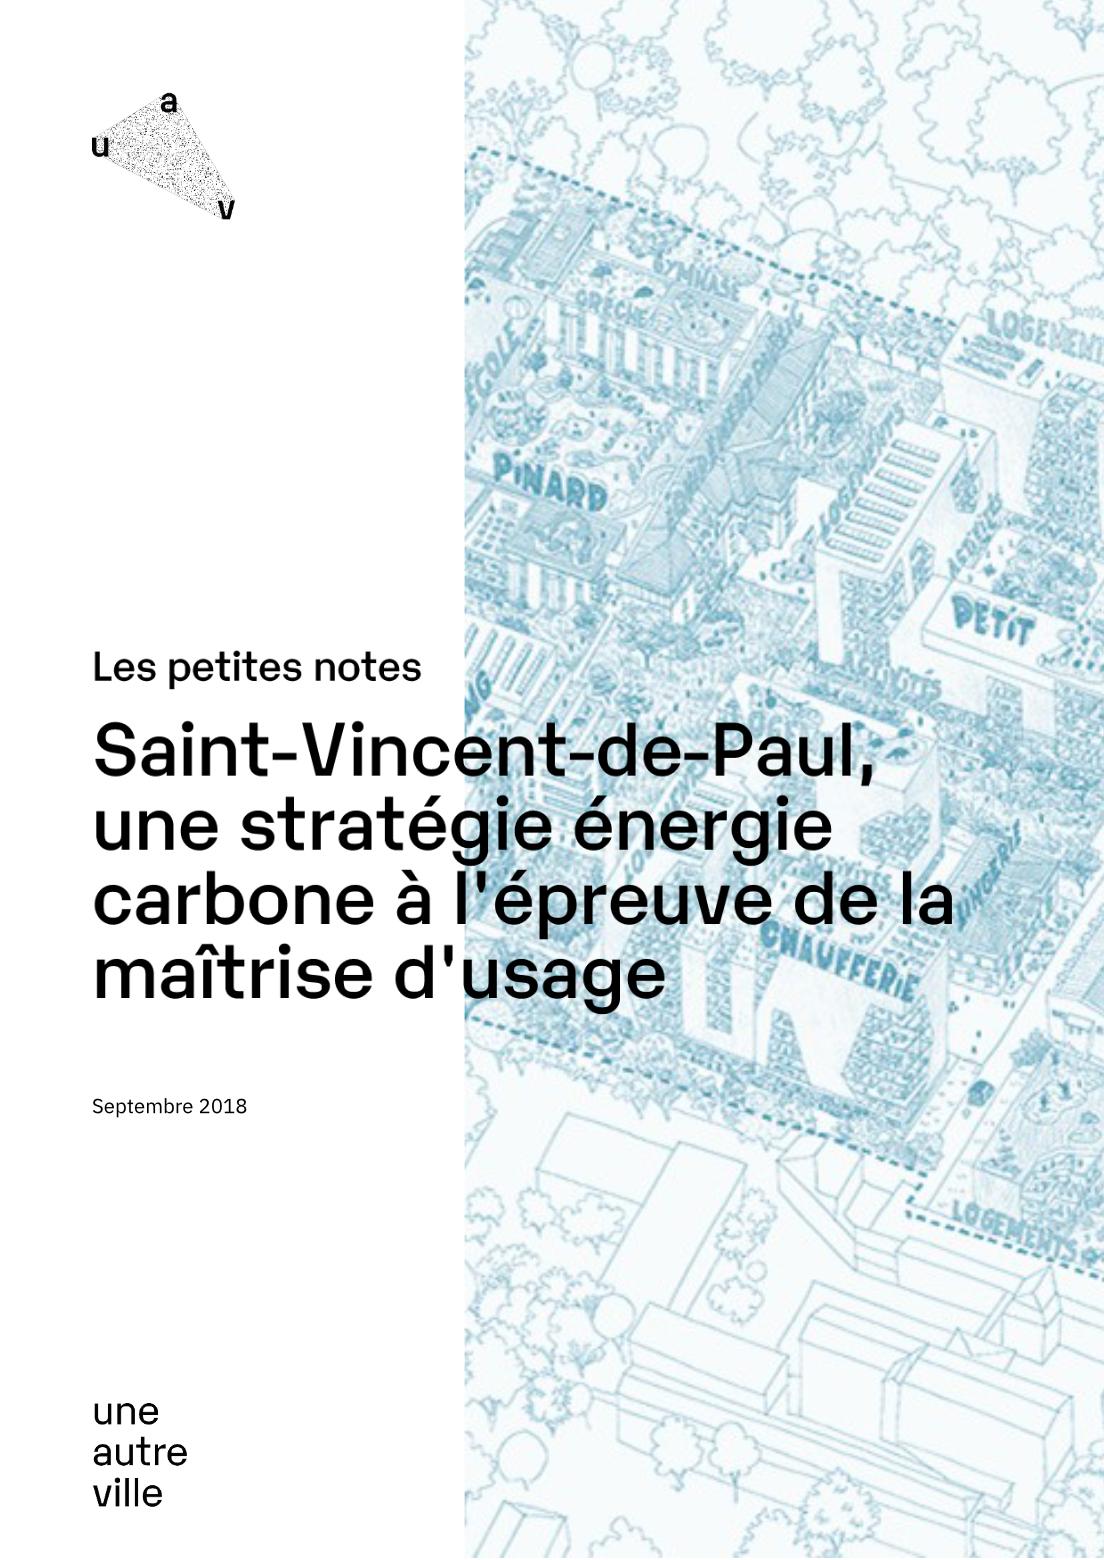 Saint-Vincent-de-Paul, une stratégie énergie carbone à l'épreuve de la maîtrise d'usage